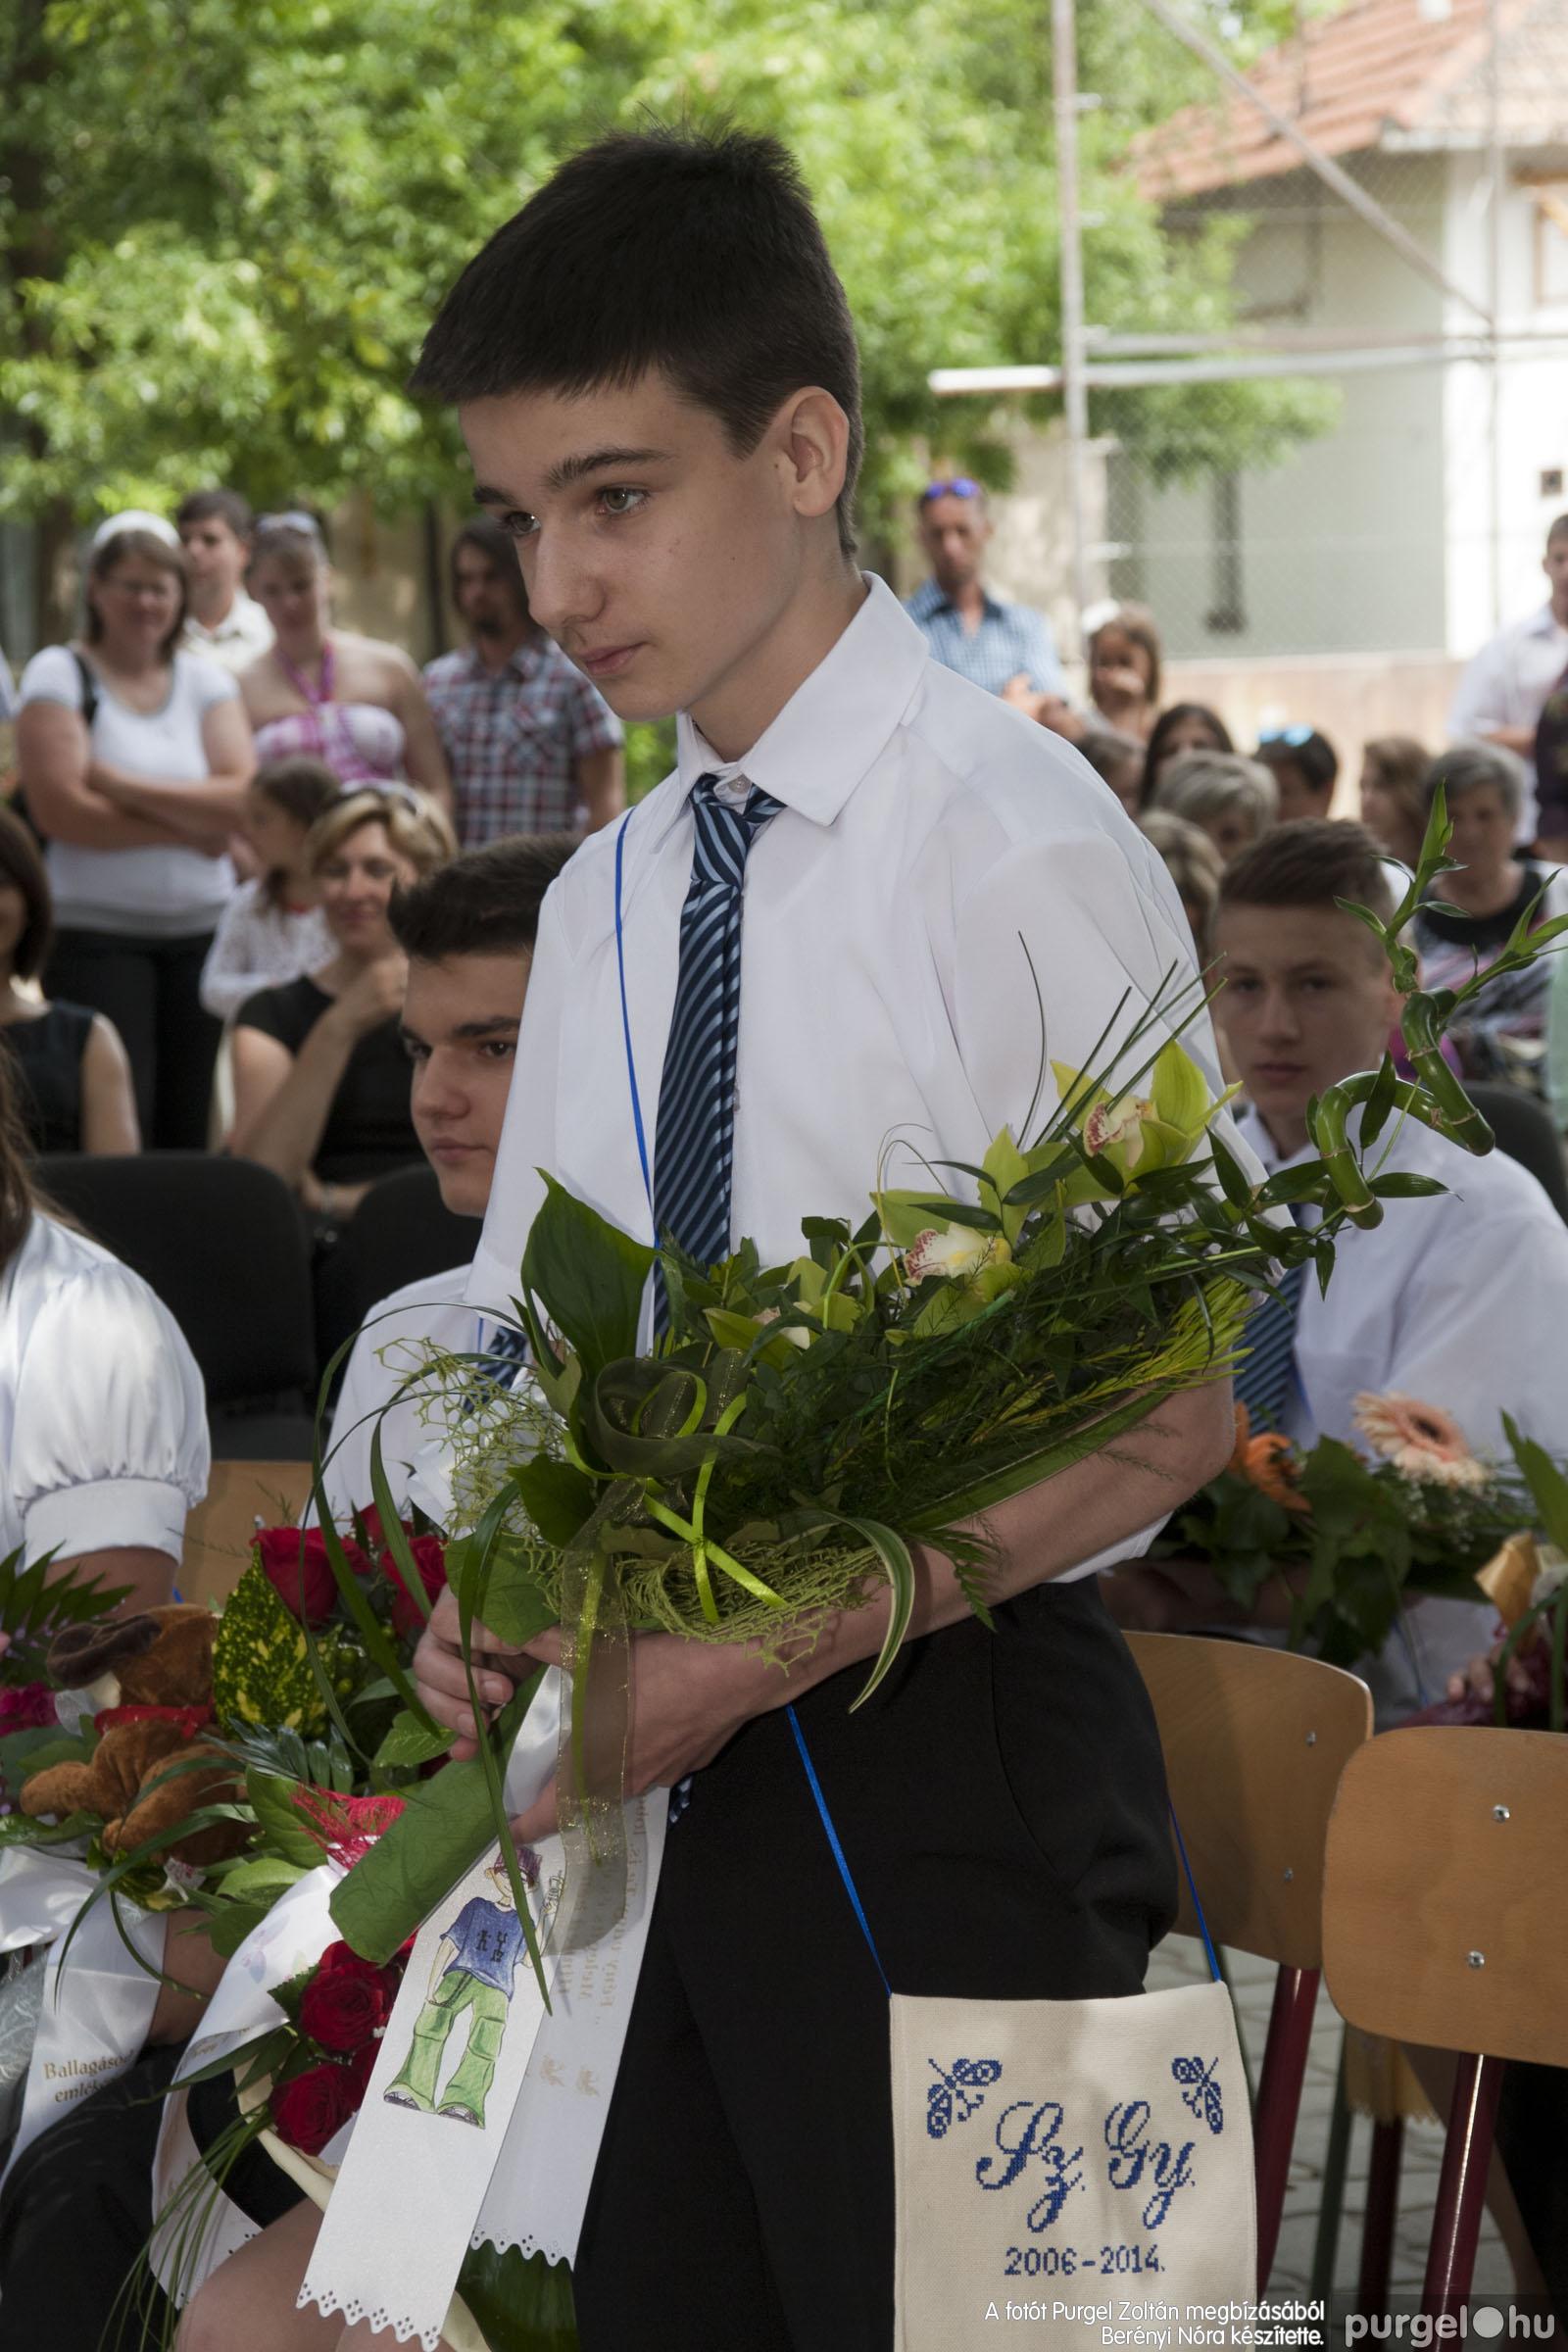 2014.06.14. 210 Forray Máté Általános Iskola ballagás 2014. - Fotó:BERÉNYI NÓRA© _MG_5855.jpg